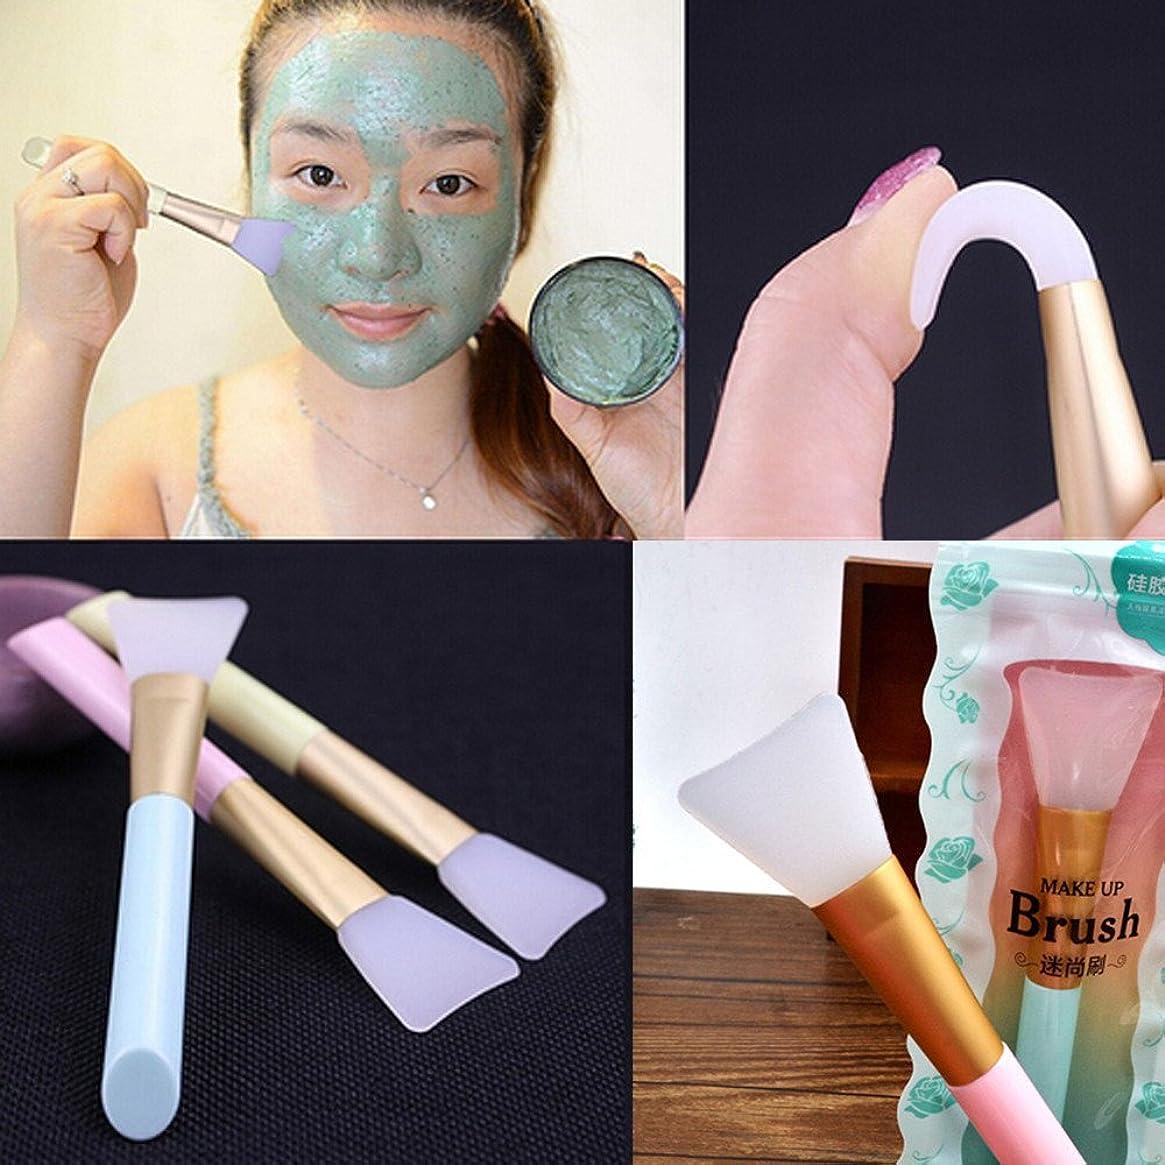 マットレス美しいお父さん女性の顔のマスクミキシングツールプロ完璧なメイクファンデーションソフトシリコーン化粧ブラシ泥クリームマスク Profissional